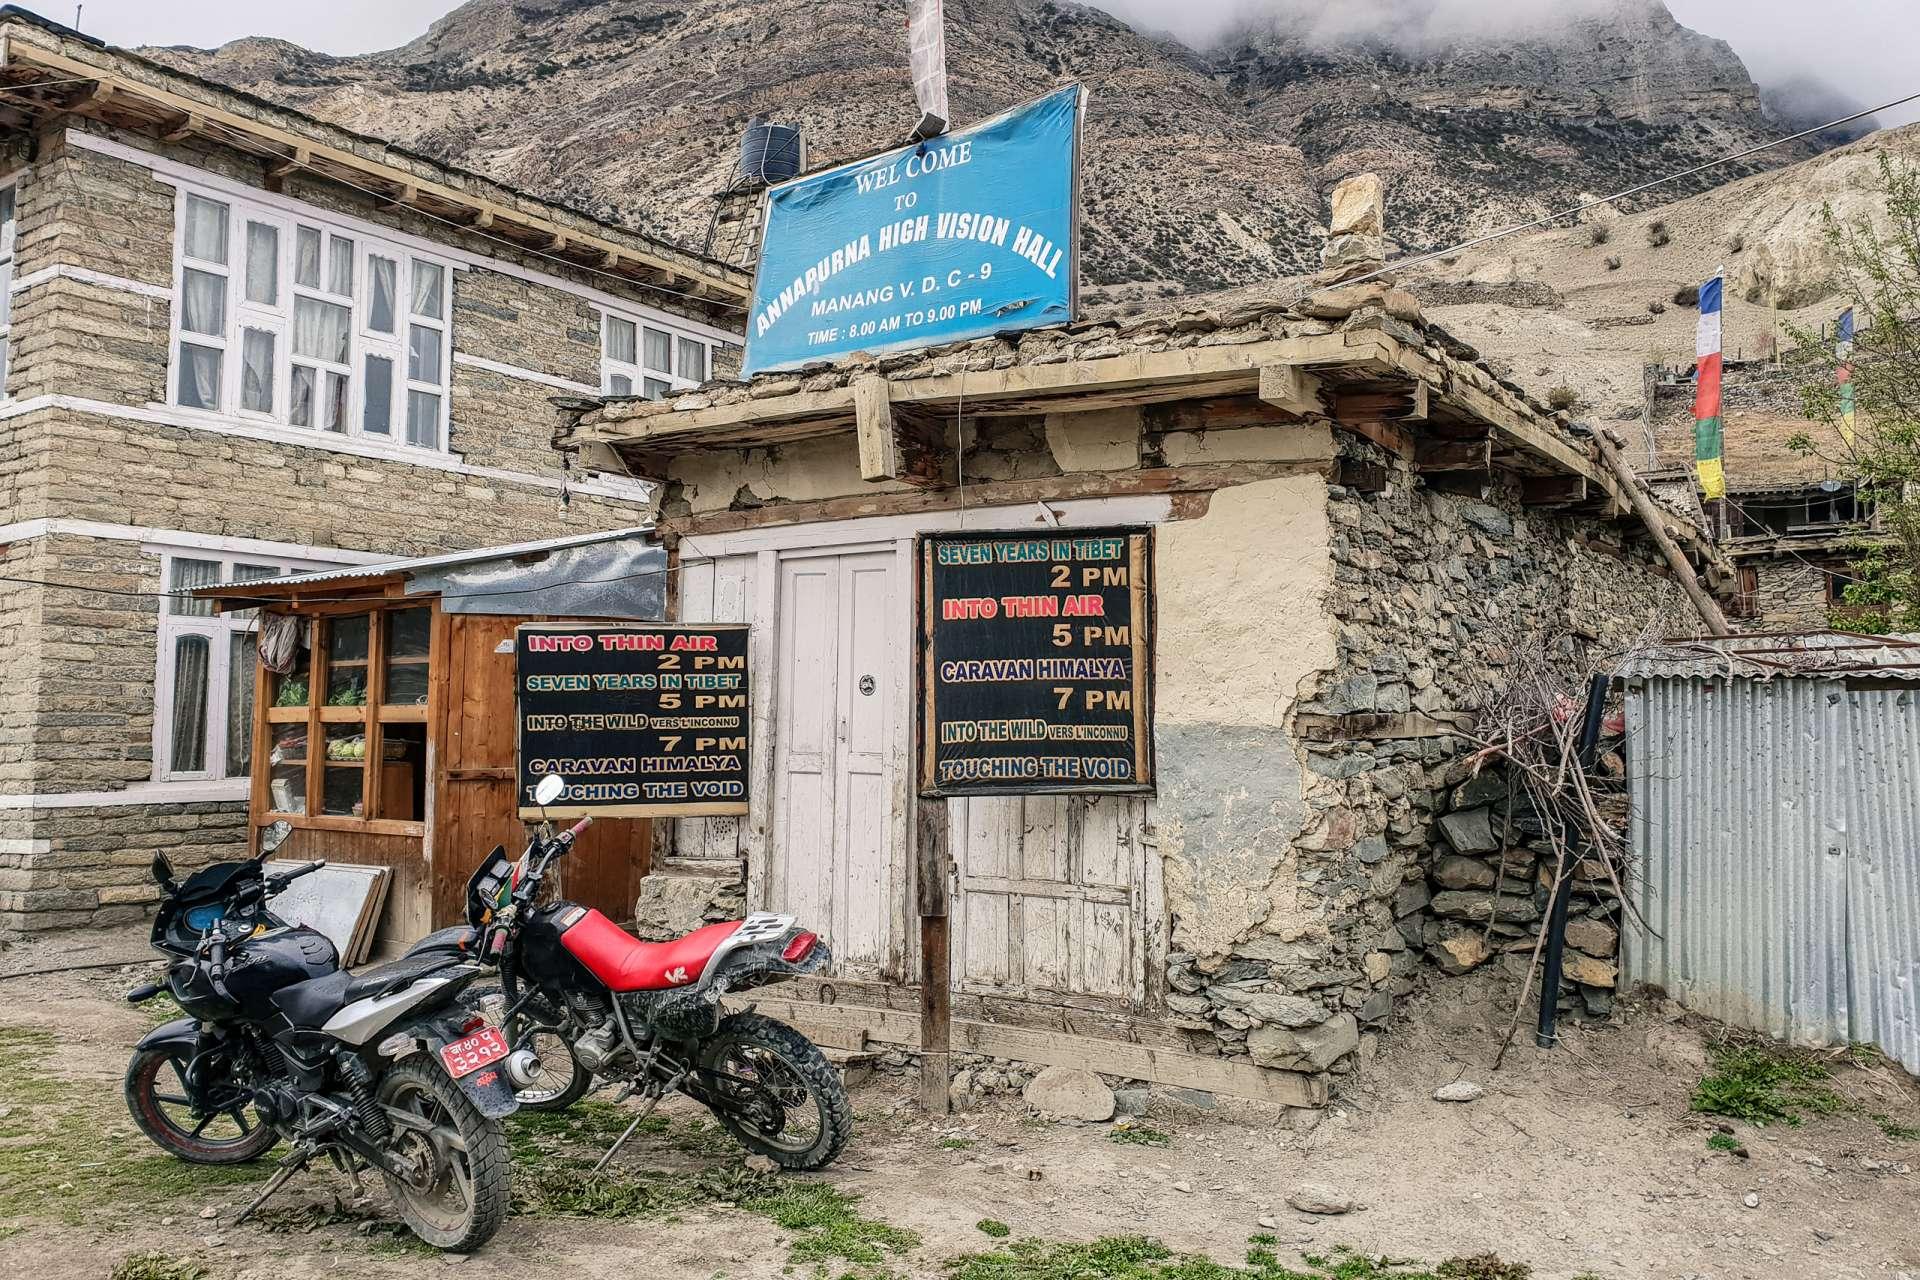 Nepal Annapurna Circuit trekking cinema